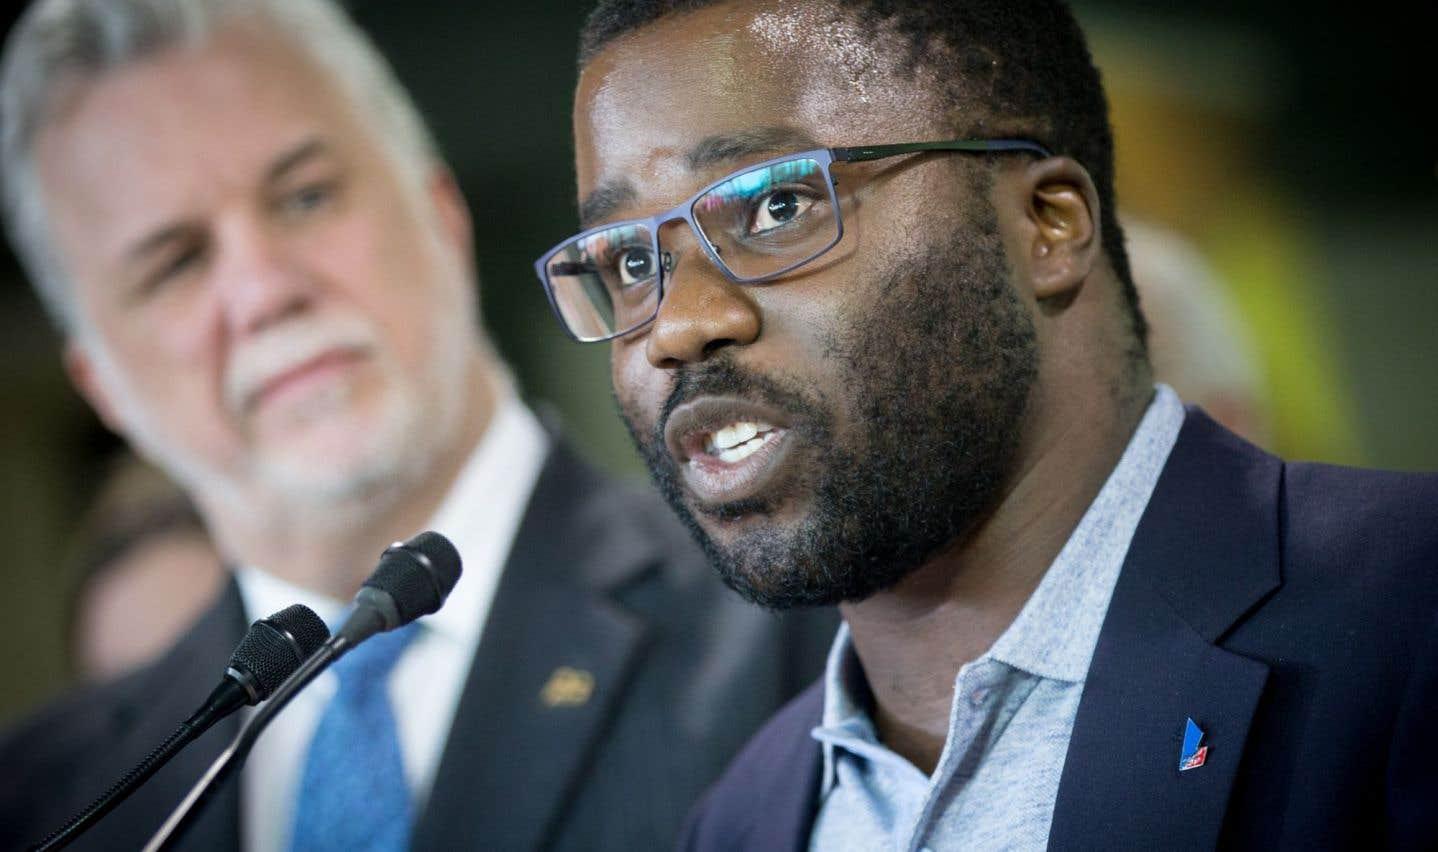 Les jeunes libéraux majoritaires pour la création d'un ordre des enseignants